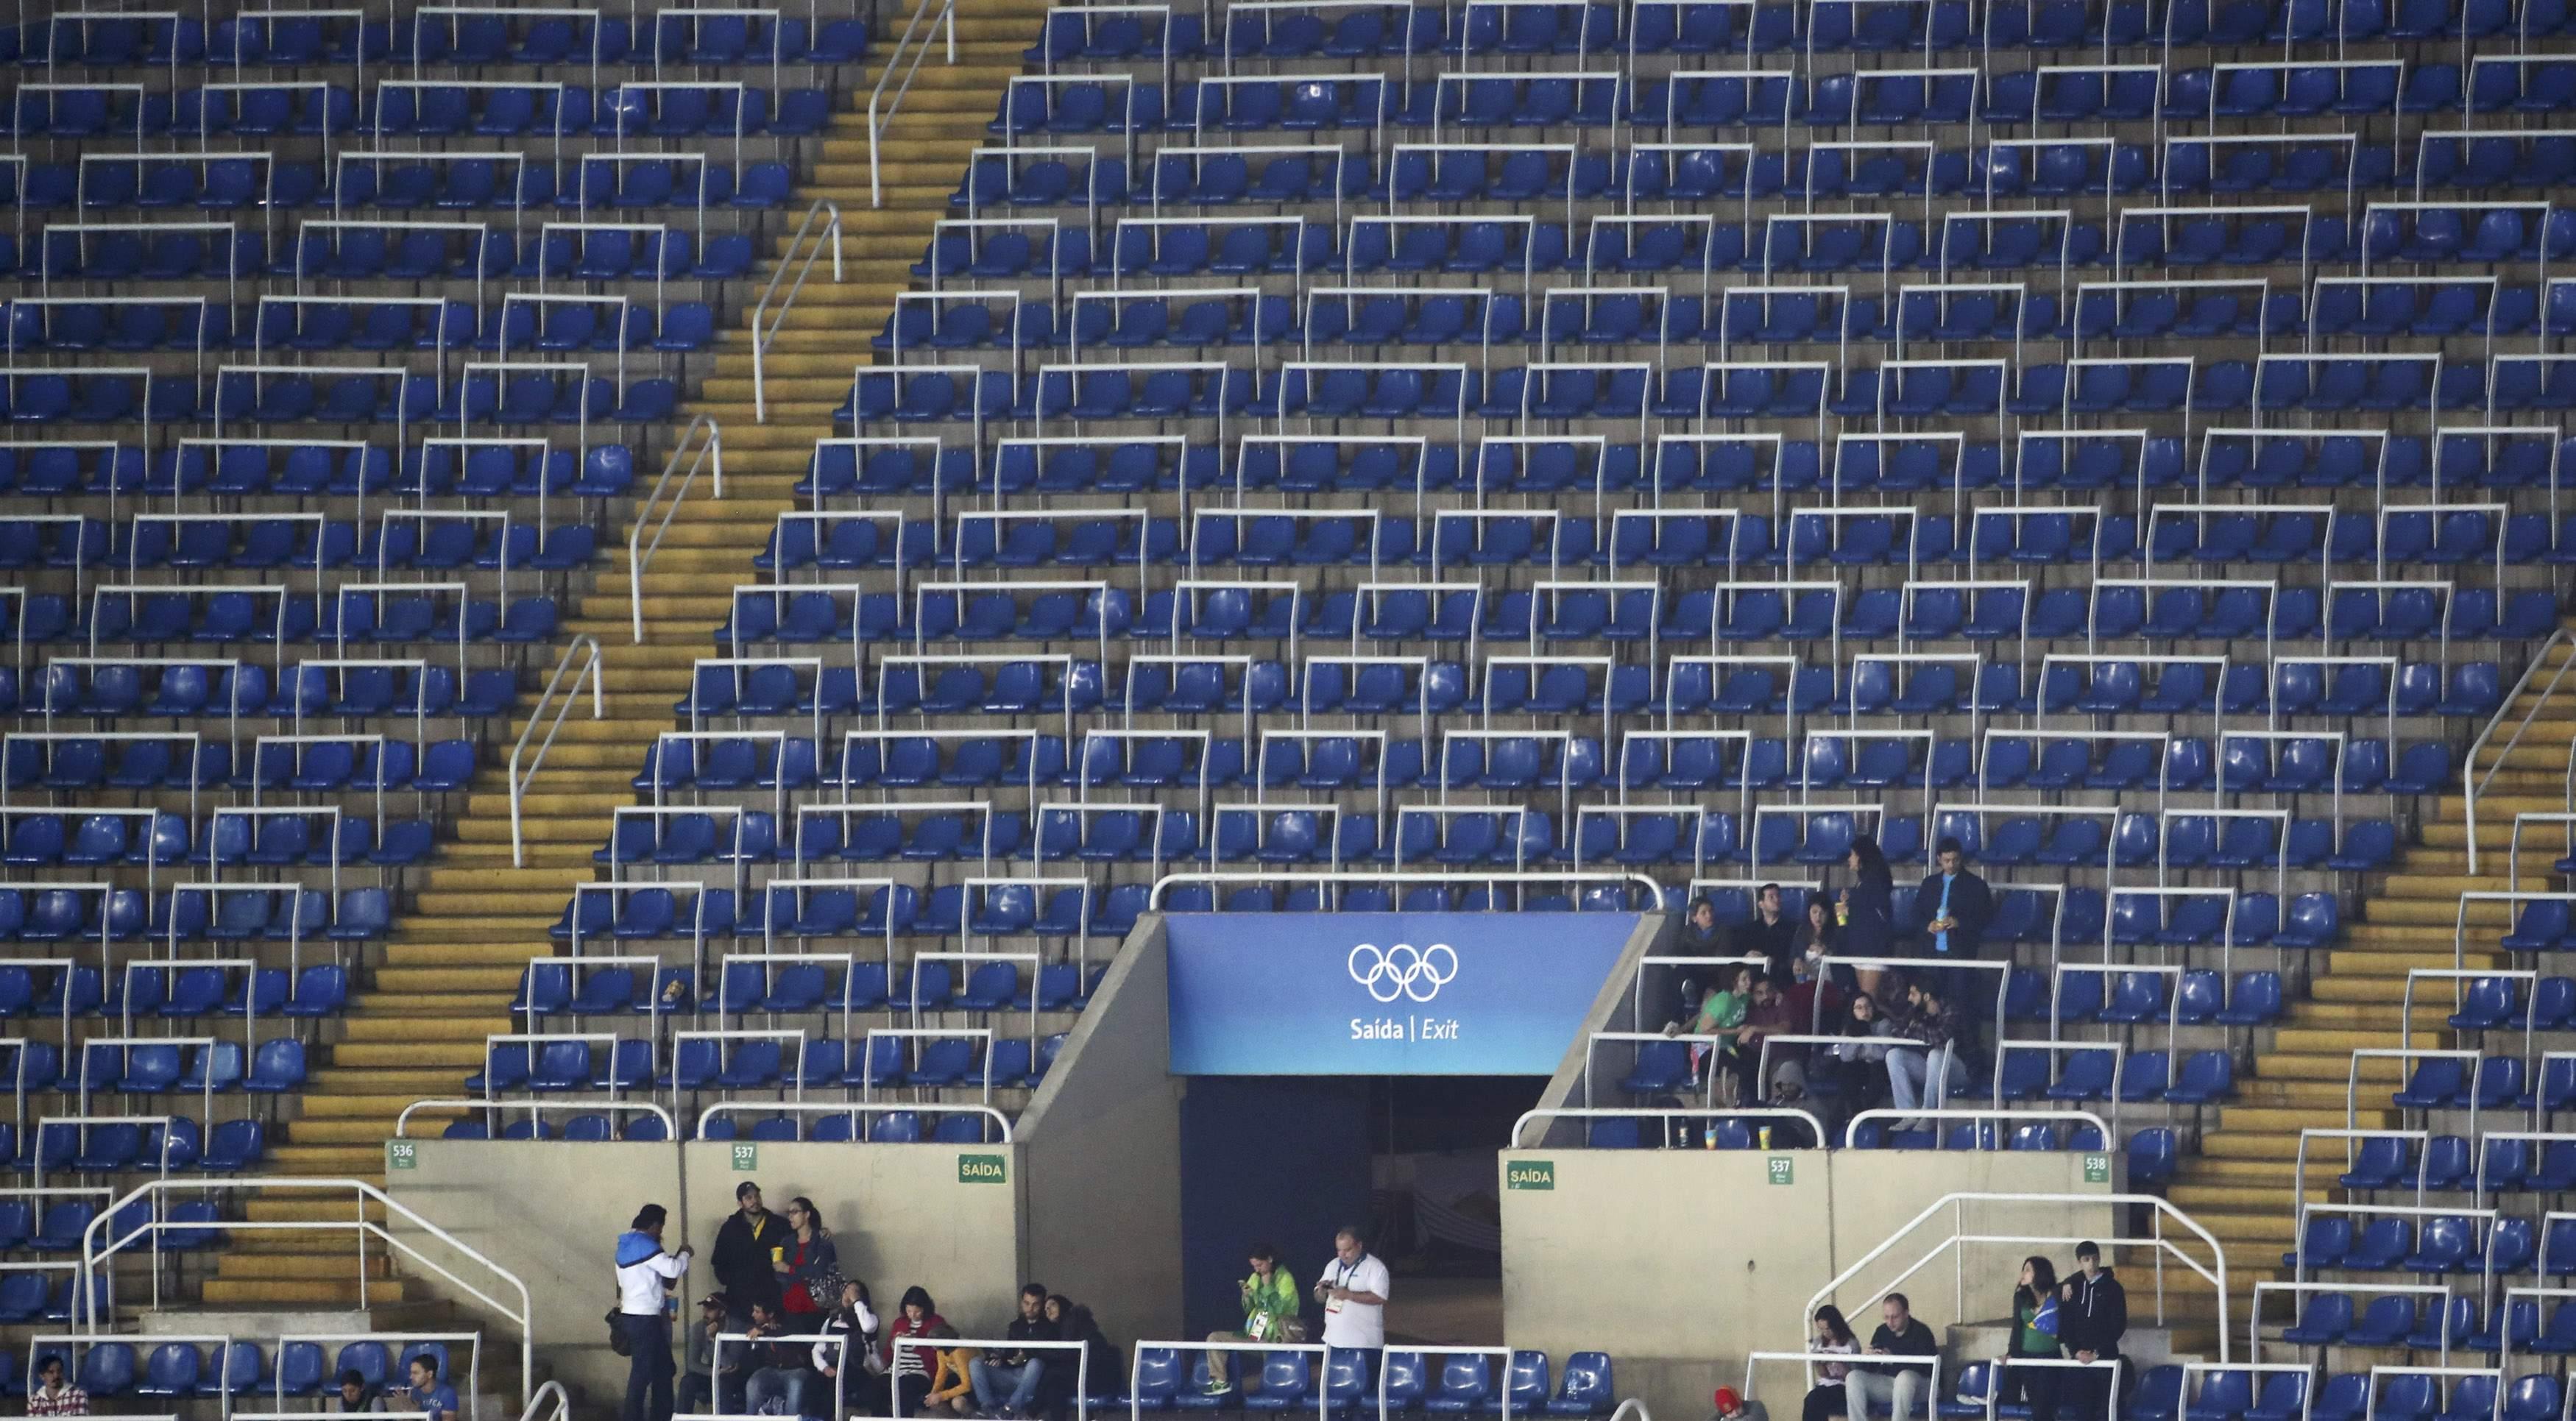 Ein Anblick, an den man sich in Rio gewöhnen musste. Die olympischen Sommerspiele verkaufen sich derart schlecht, dass sogar erwogen wird, Tickets gratis an Schulklassen abzugeben.